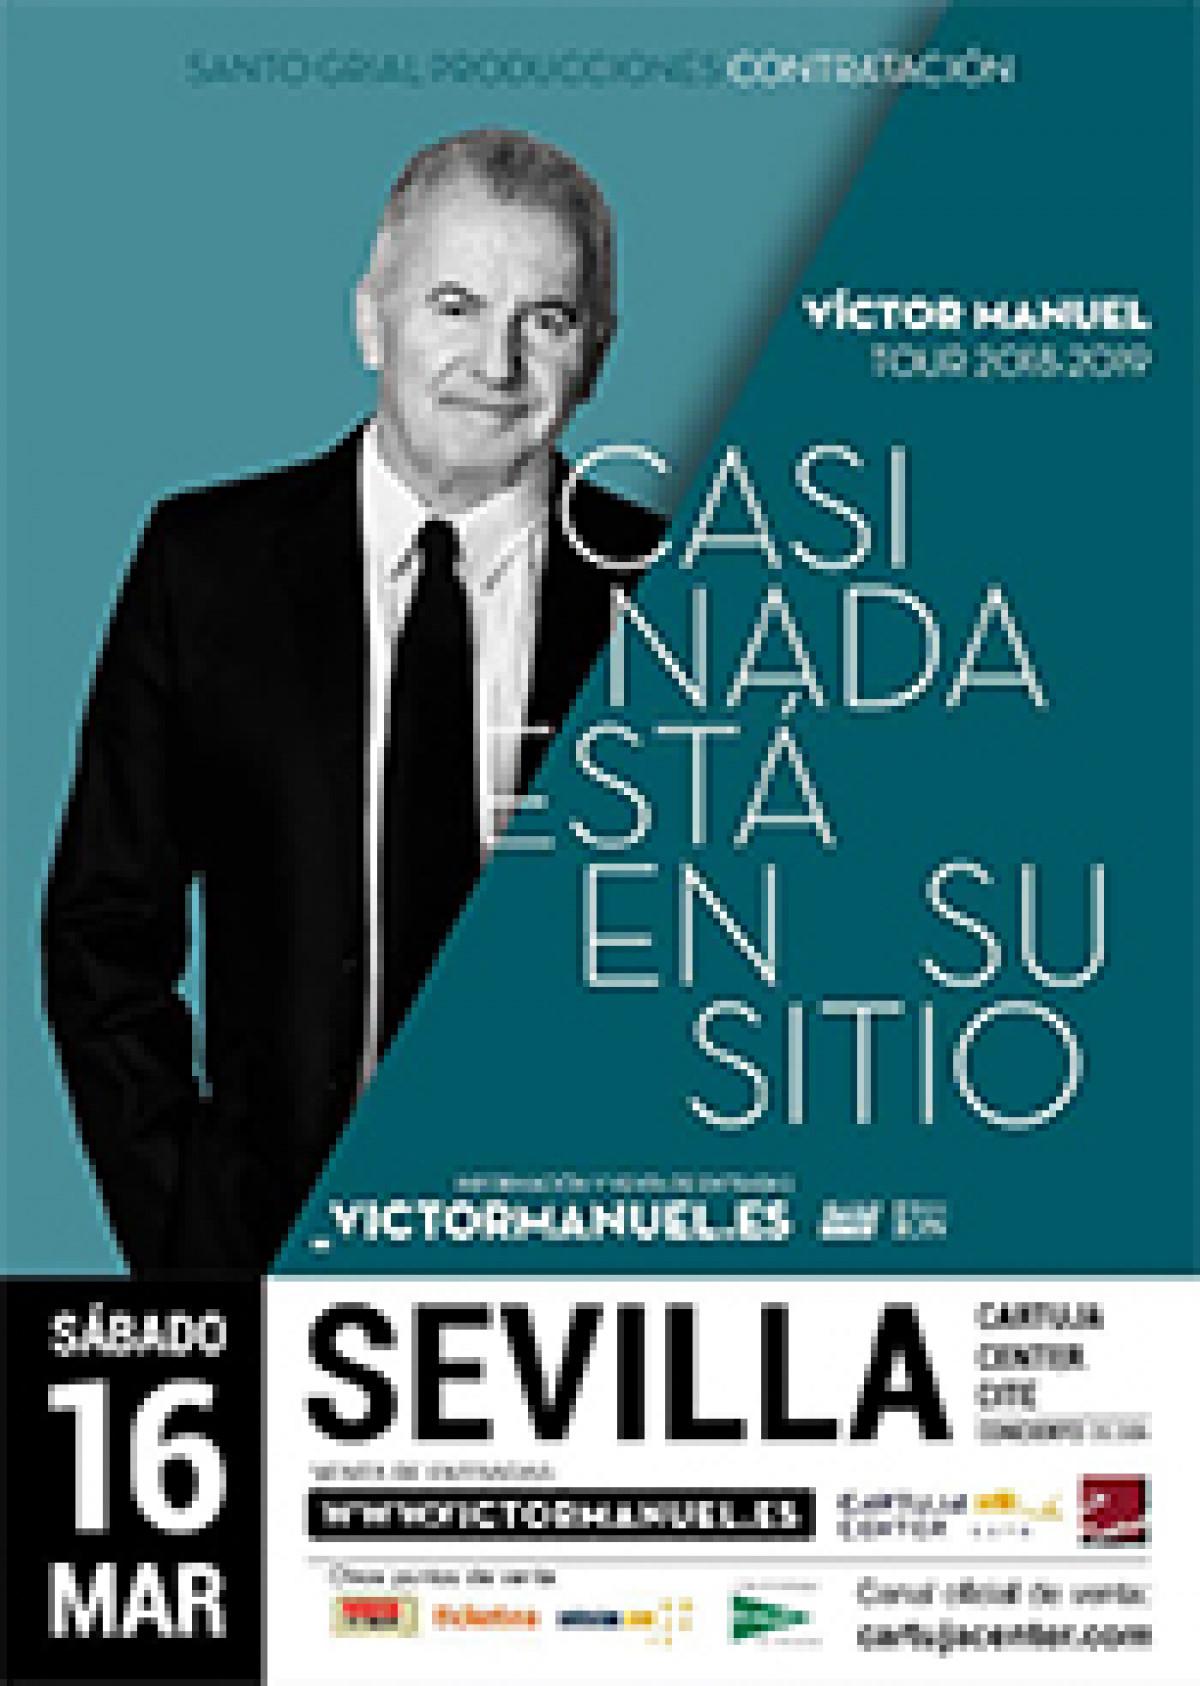 Victor manuel concierto